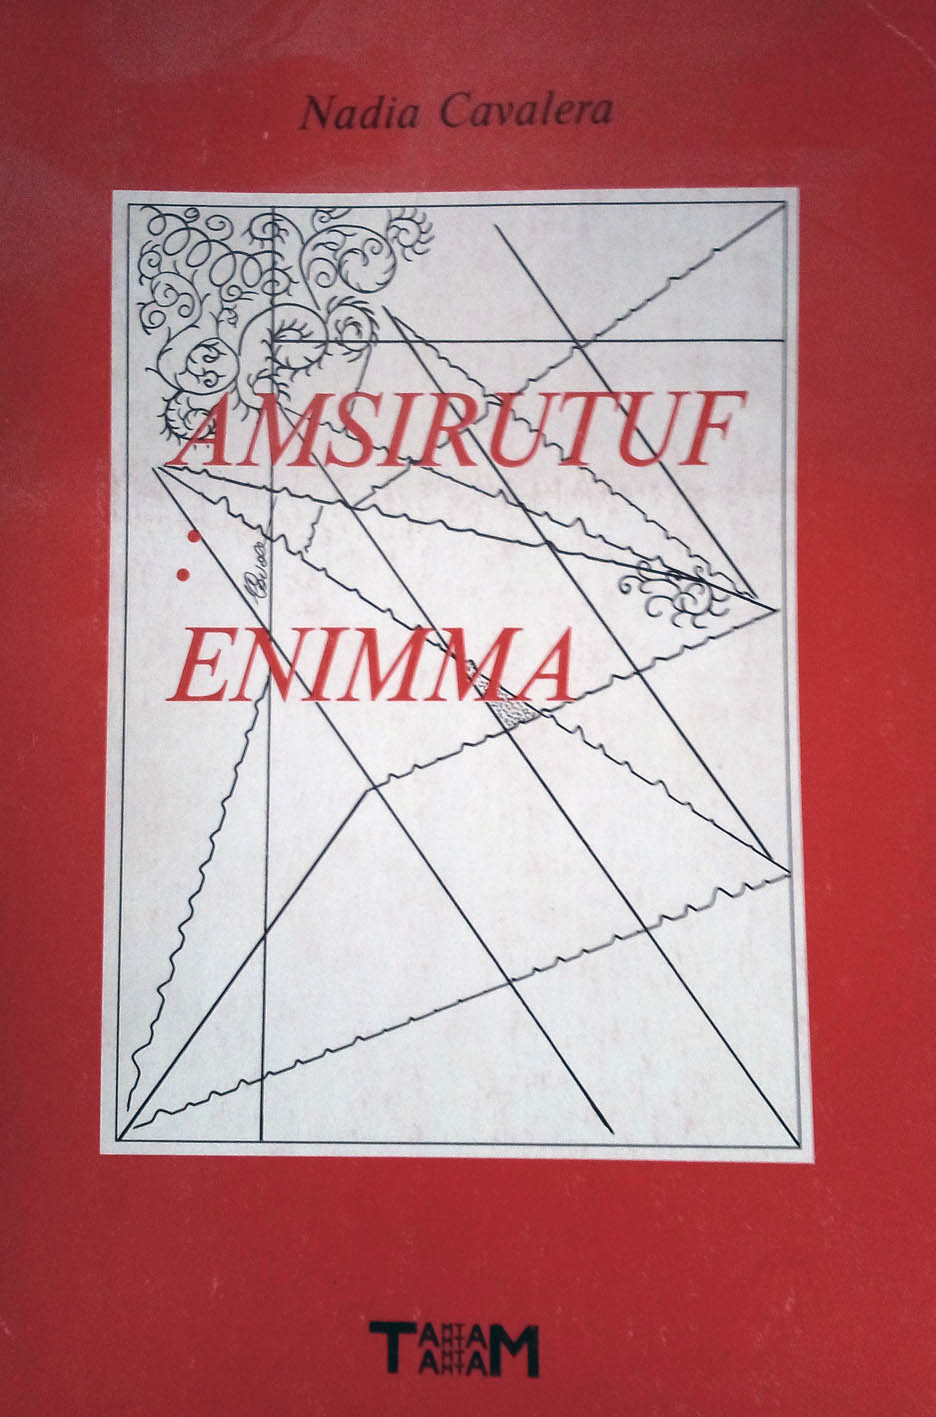 Poesia qualepoesia/38: Nadia Cavalera, Amsirutuf: enimma